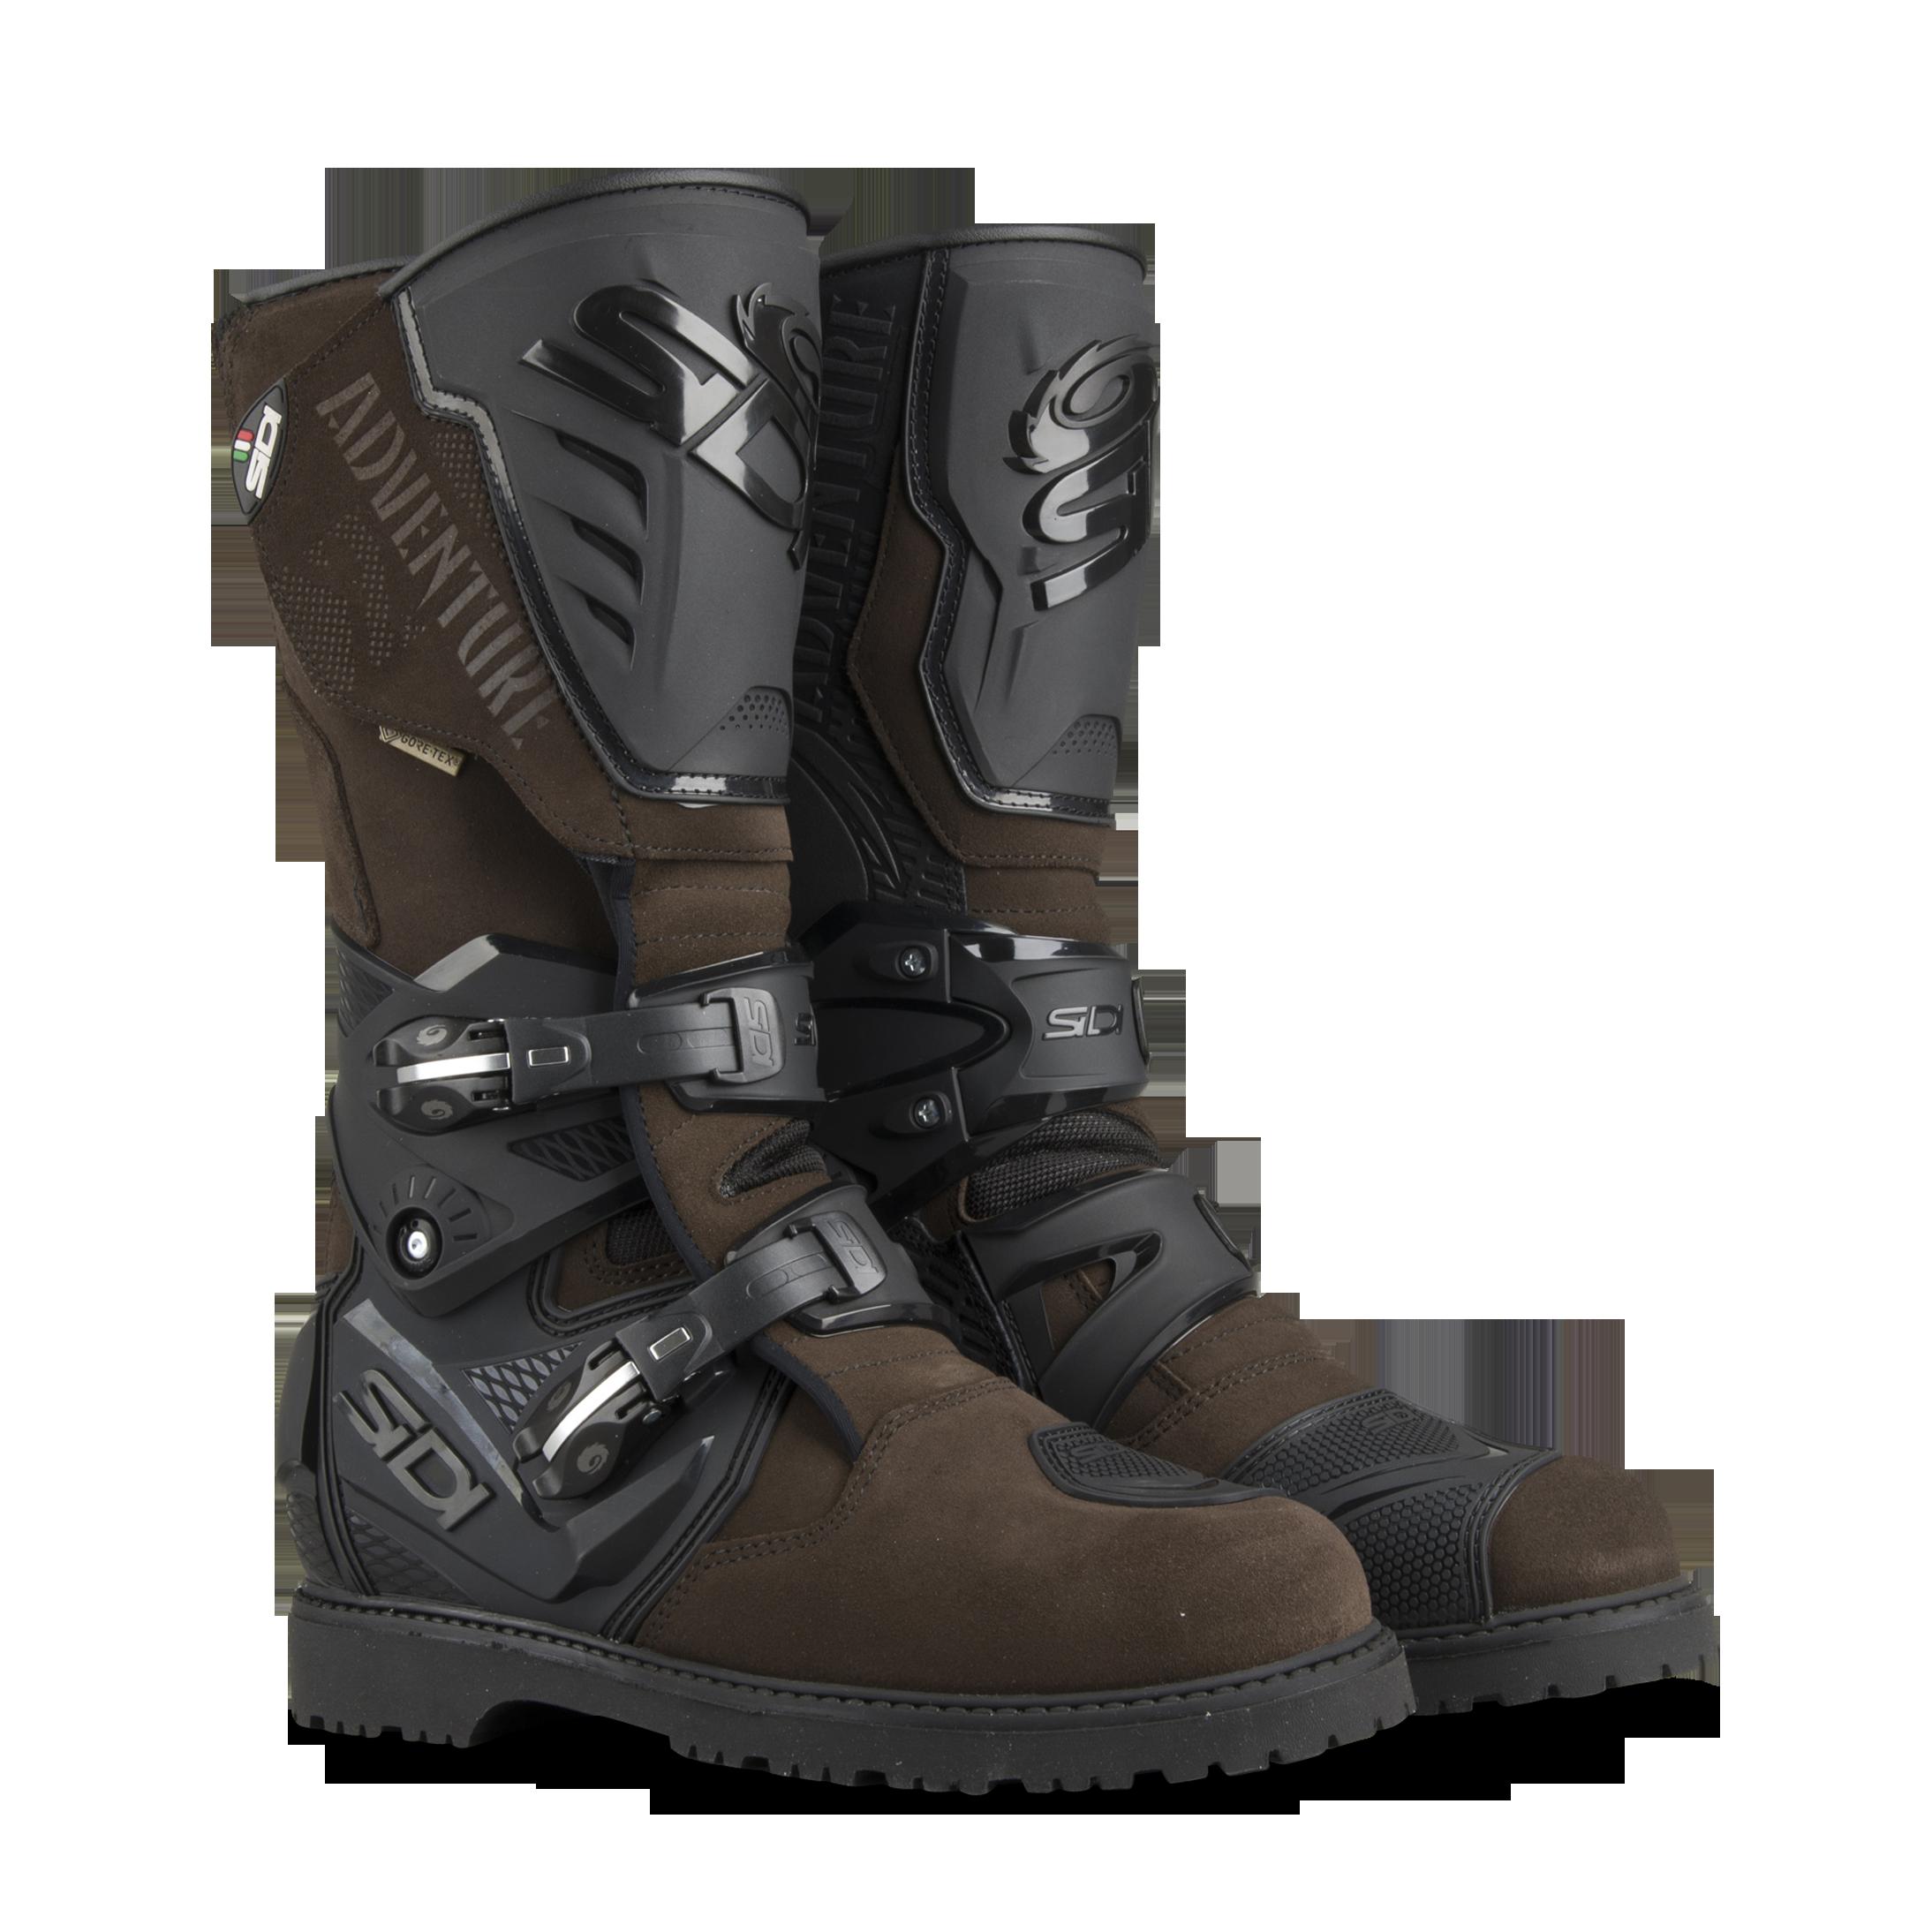 Sidi Adventure 2 Gore Boots Black-Brown